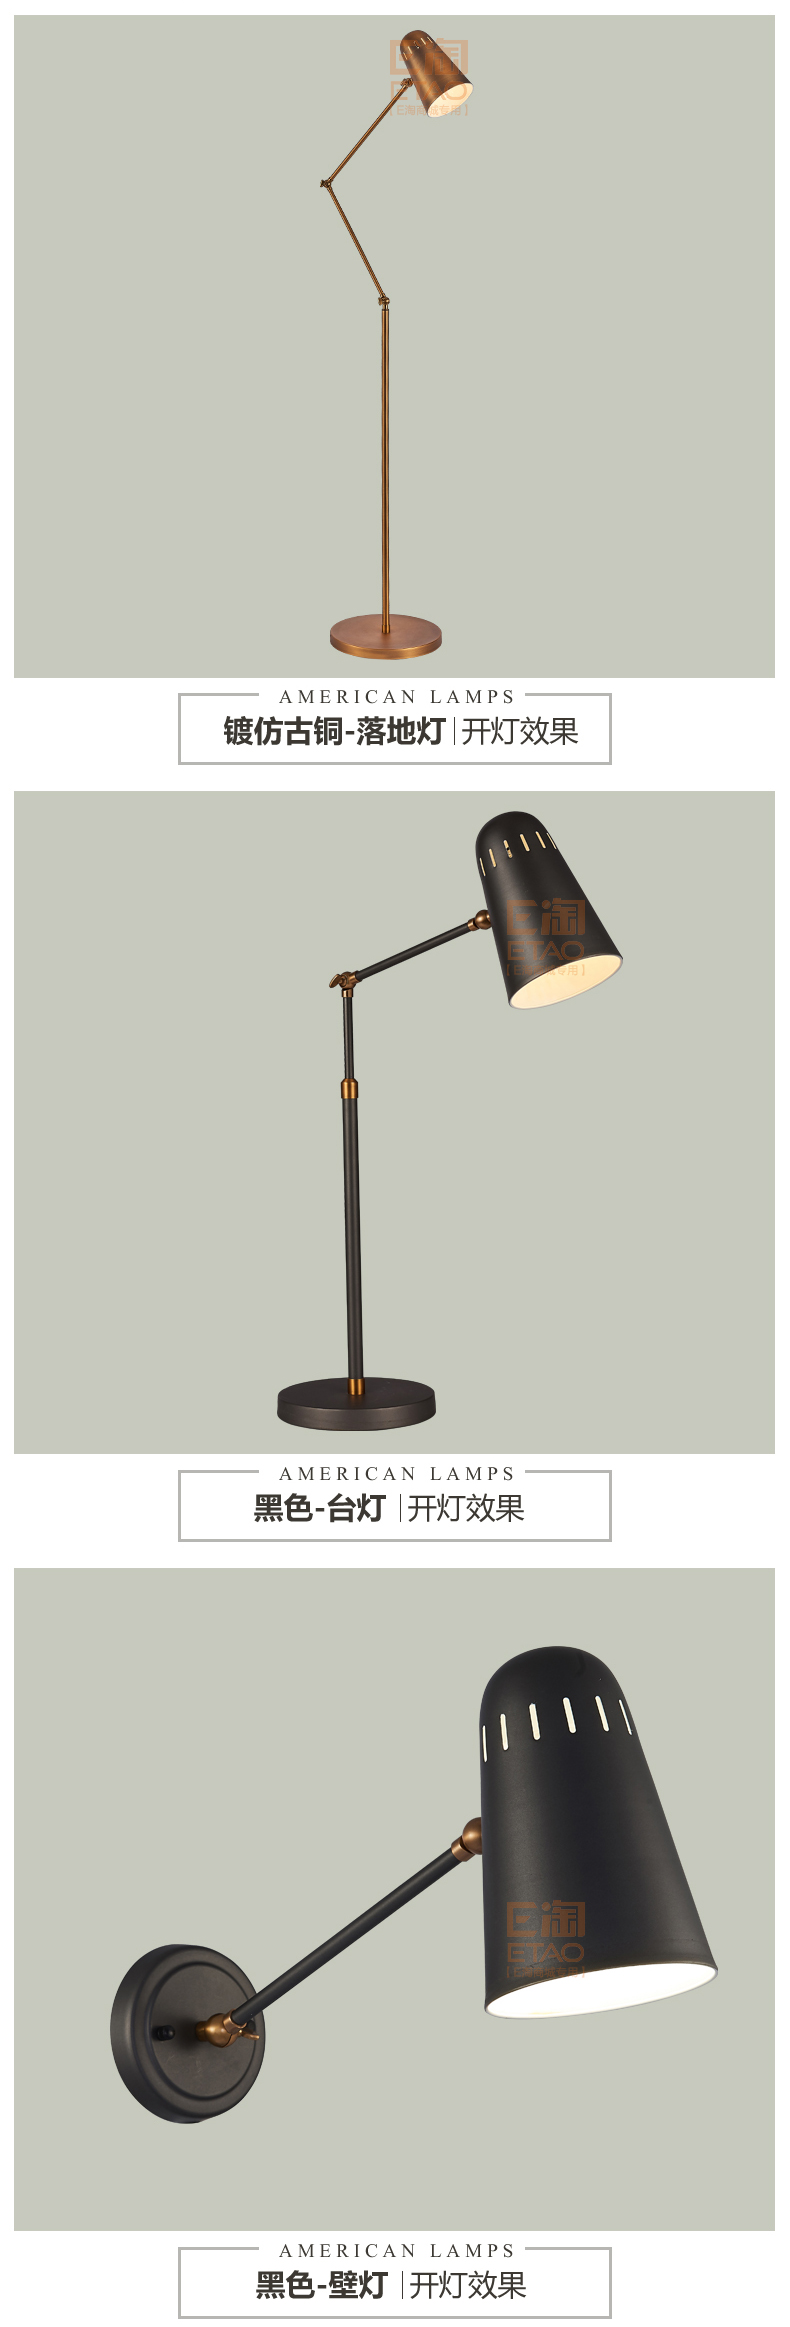 杰迪照明9665 (3)